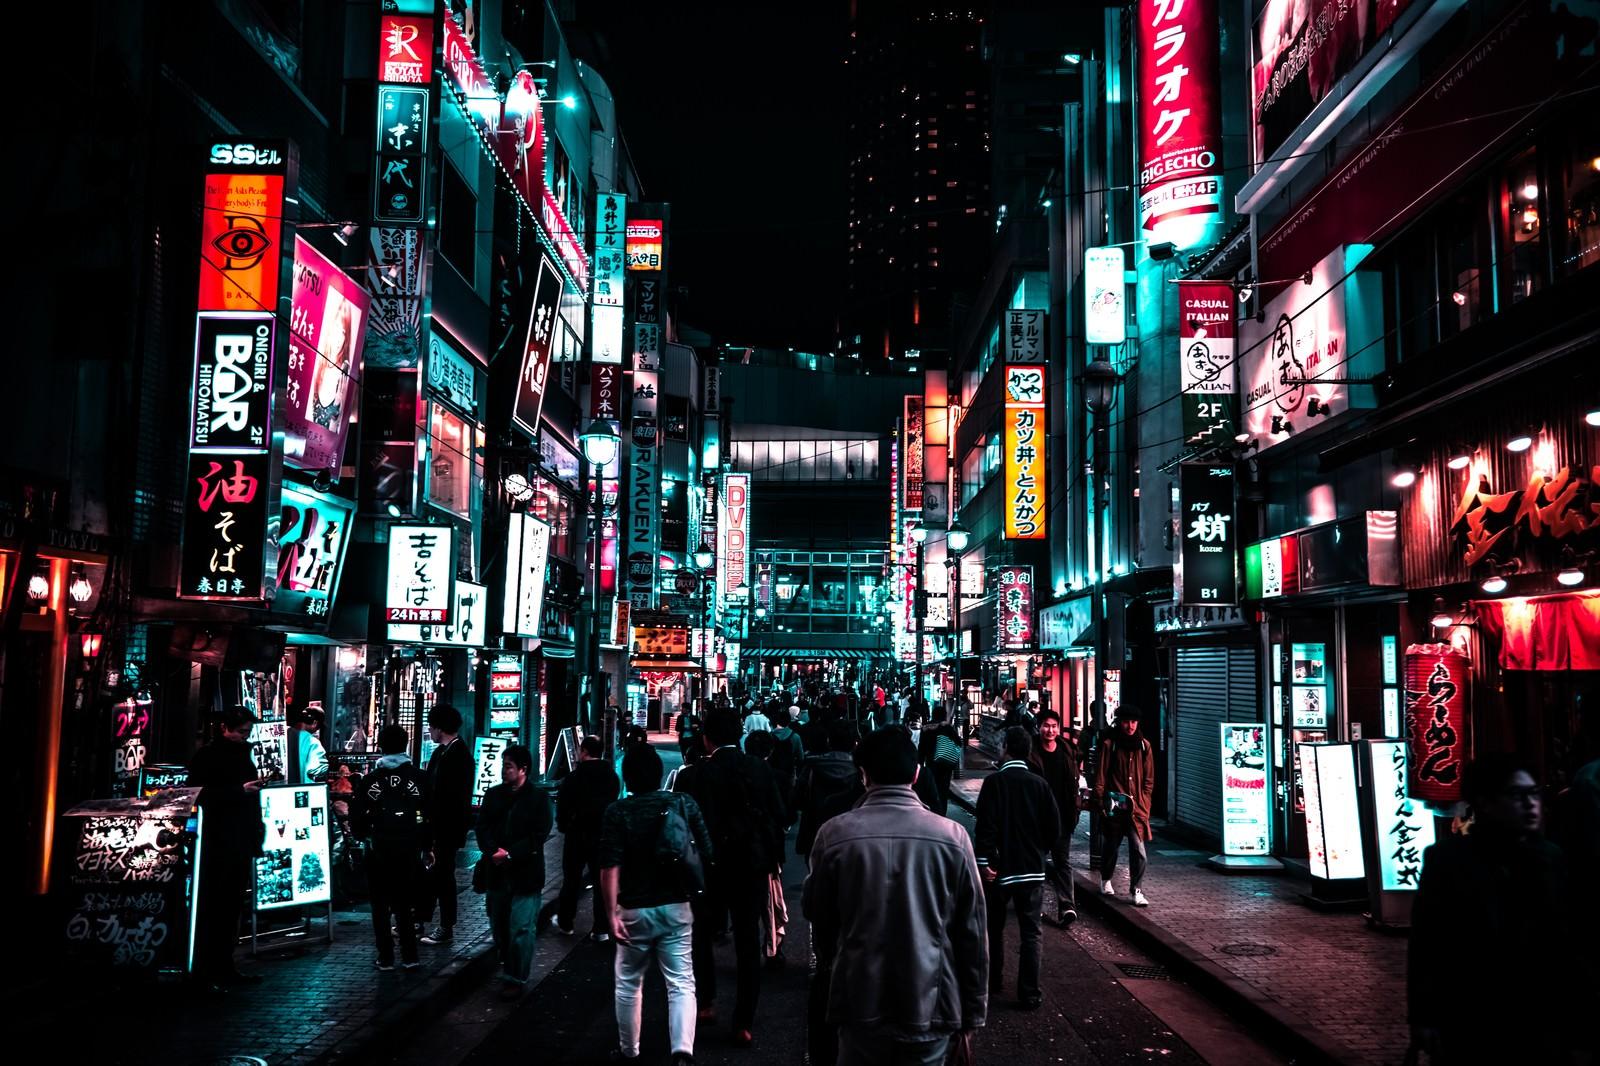 「路地裏のネオン街を渋谷駅方向に歩く人の群れ」の写真